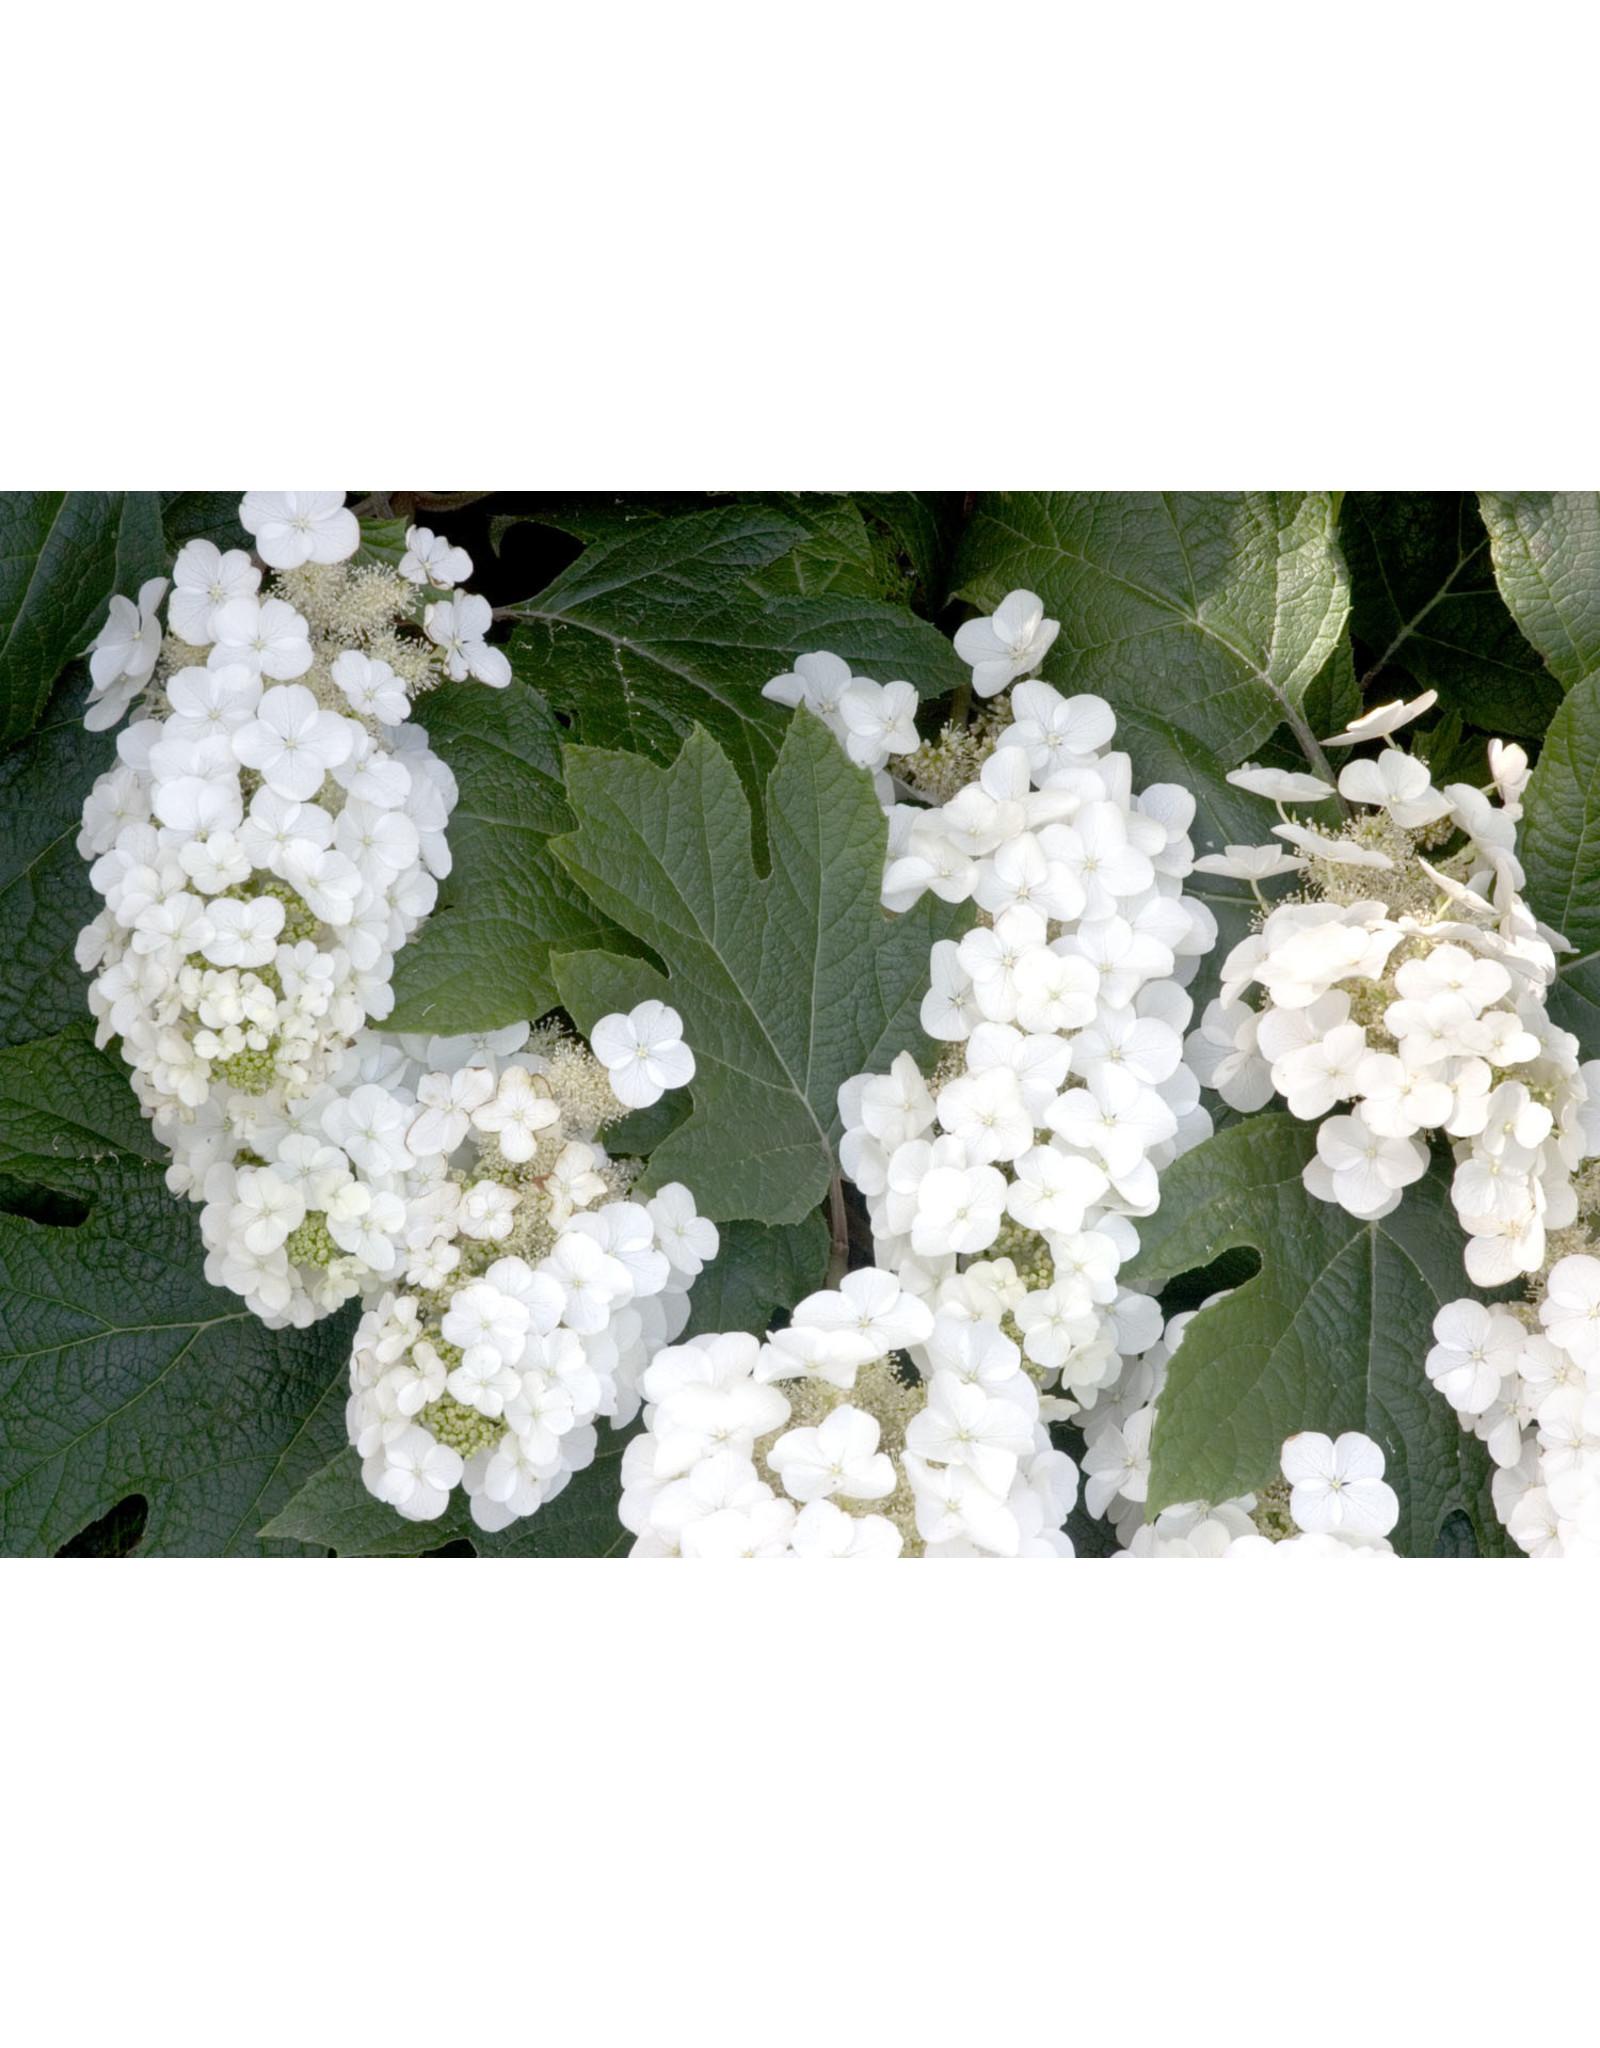 Oakleaf Hydrangea - Hydrangea Quercifolia 'Alice' 3 Gallon